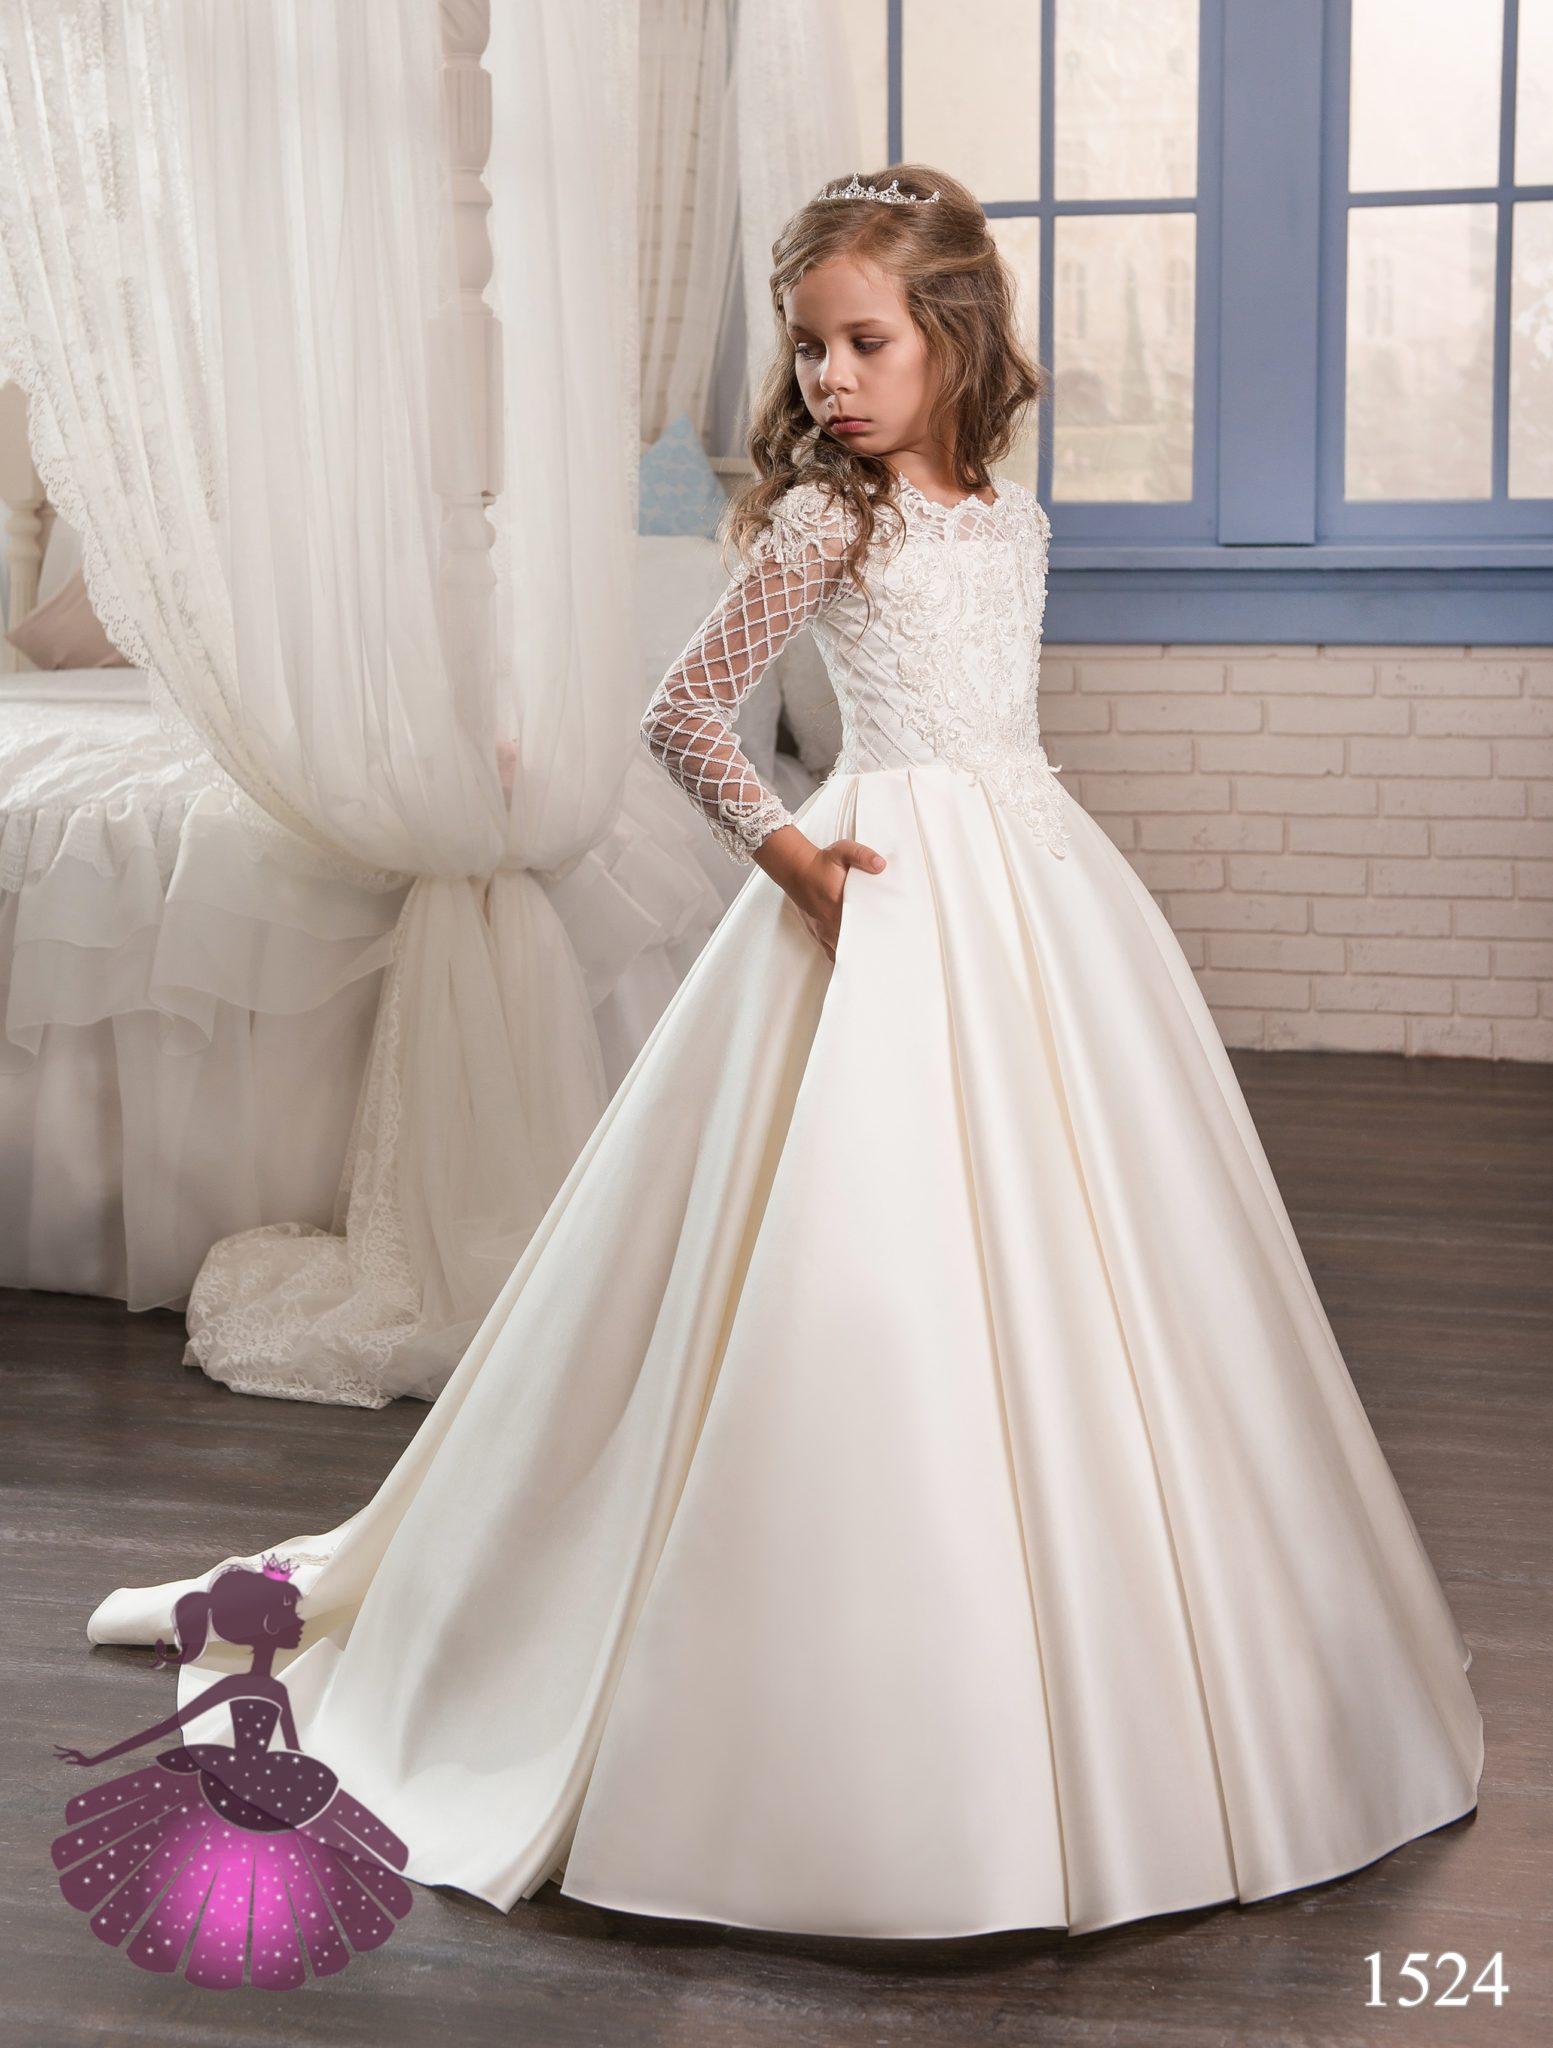 Аренда платьев Little queen dress в фотостудии Frontpage 1524 1